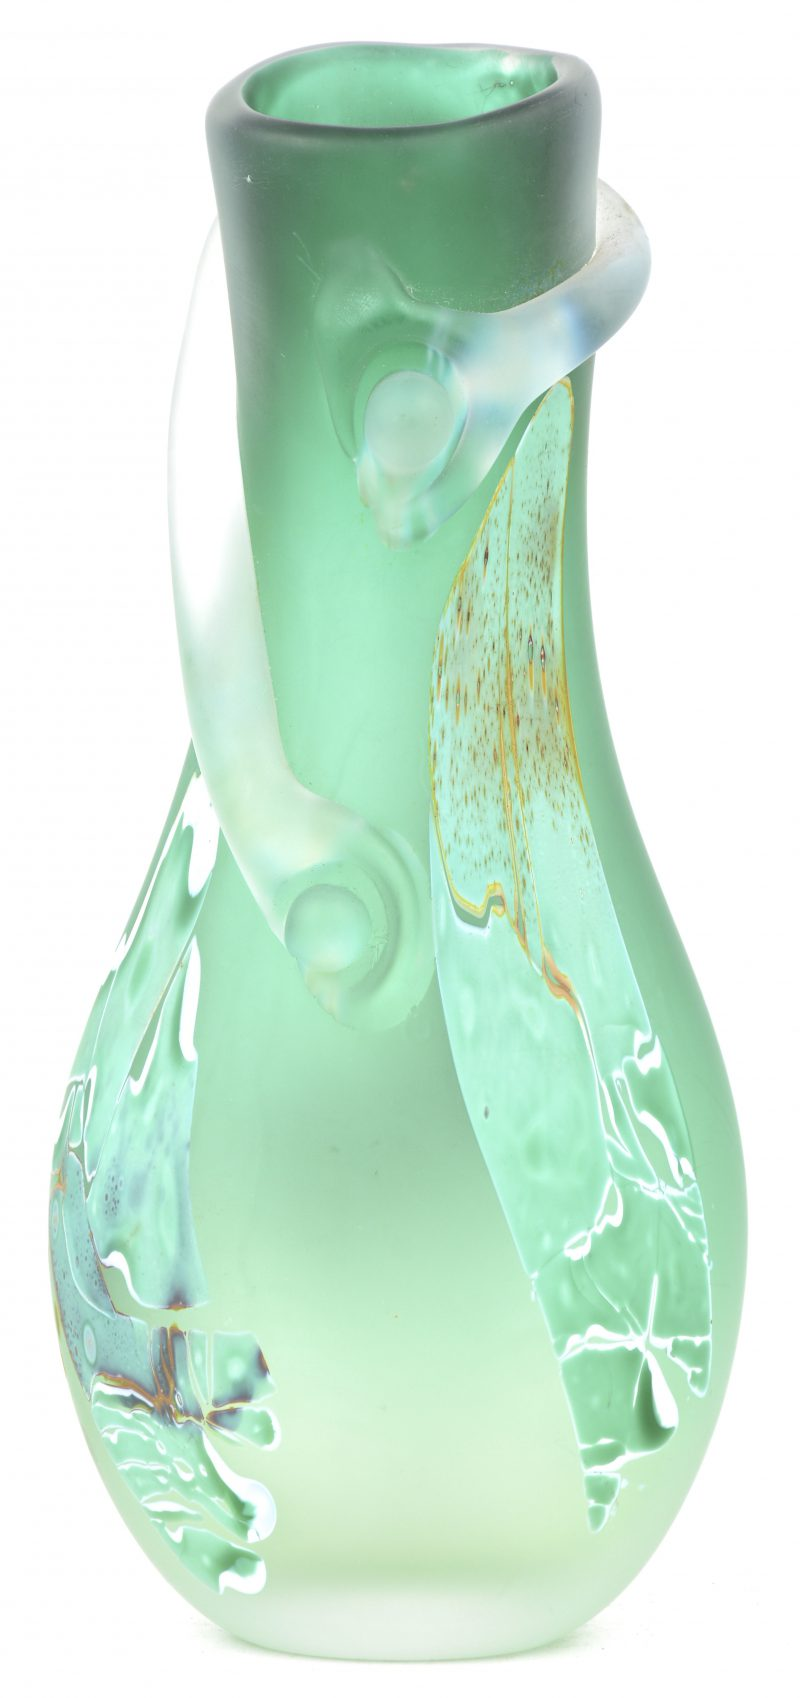 Een vaas van glaspasta. Getekend 'L. Leloup 99' onderaan.